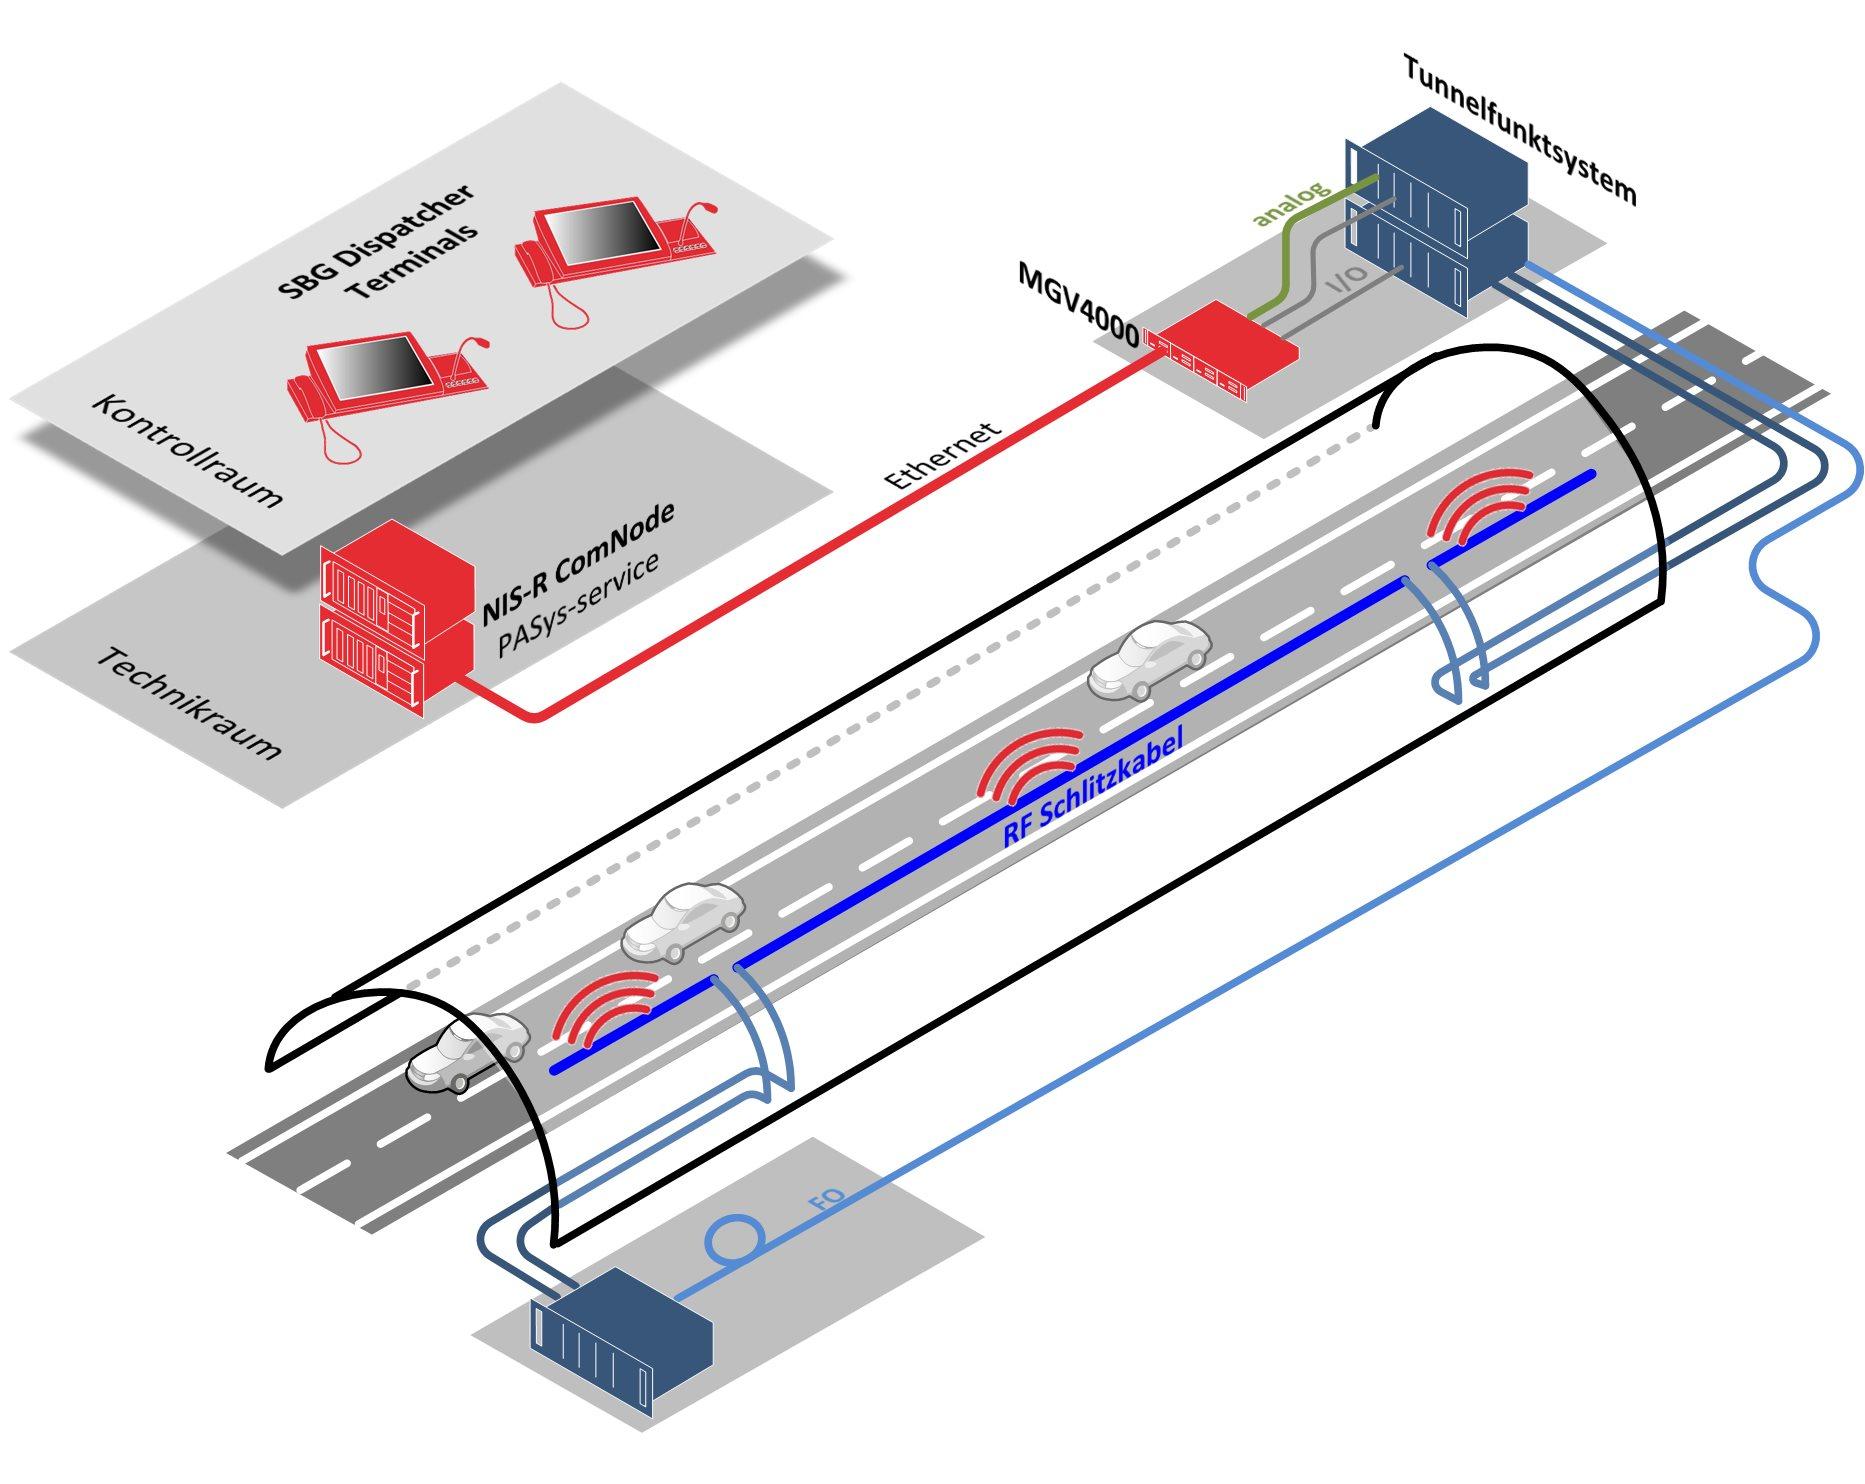 Tunnelfunk-Einsprechen mit PASys